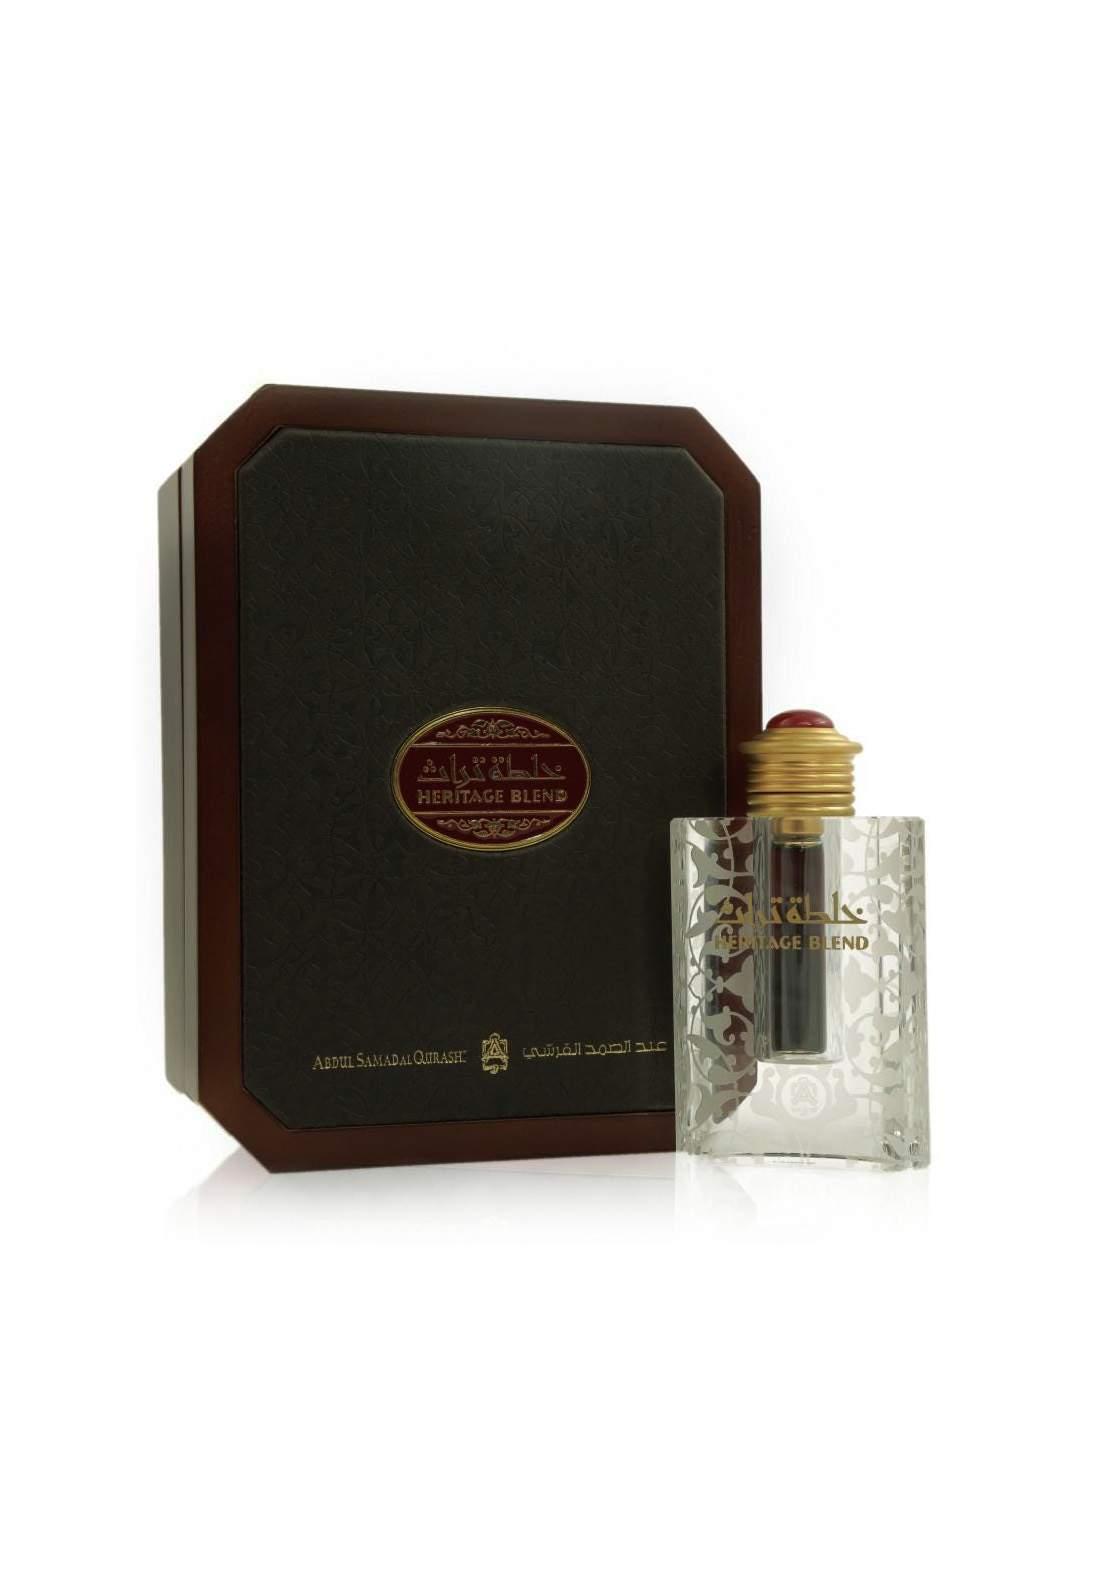 Abdul Samad Al Qurashi 72050 Heritage Blend Perfume Oil 12 ml عطر زيتي رجالي ونسائي